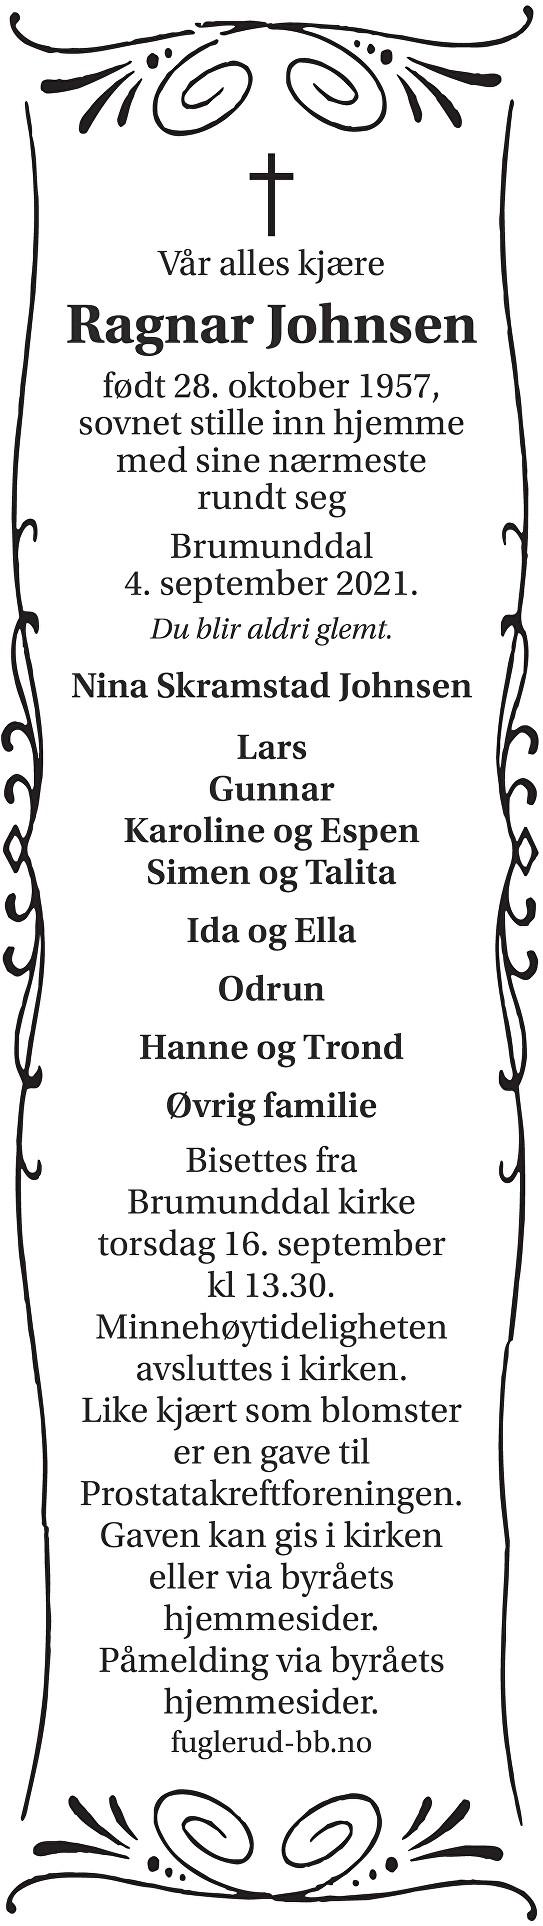 Ragnar Johnsen Dødsannonse